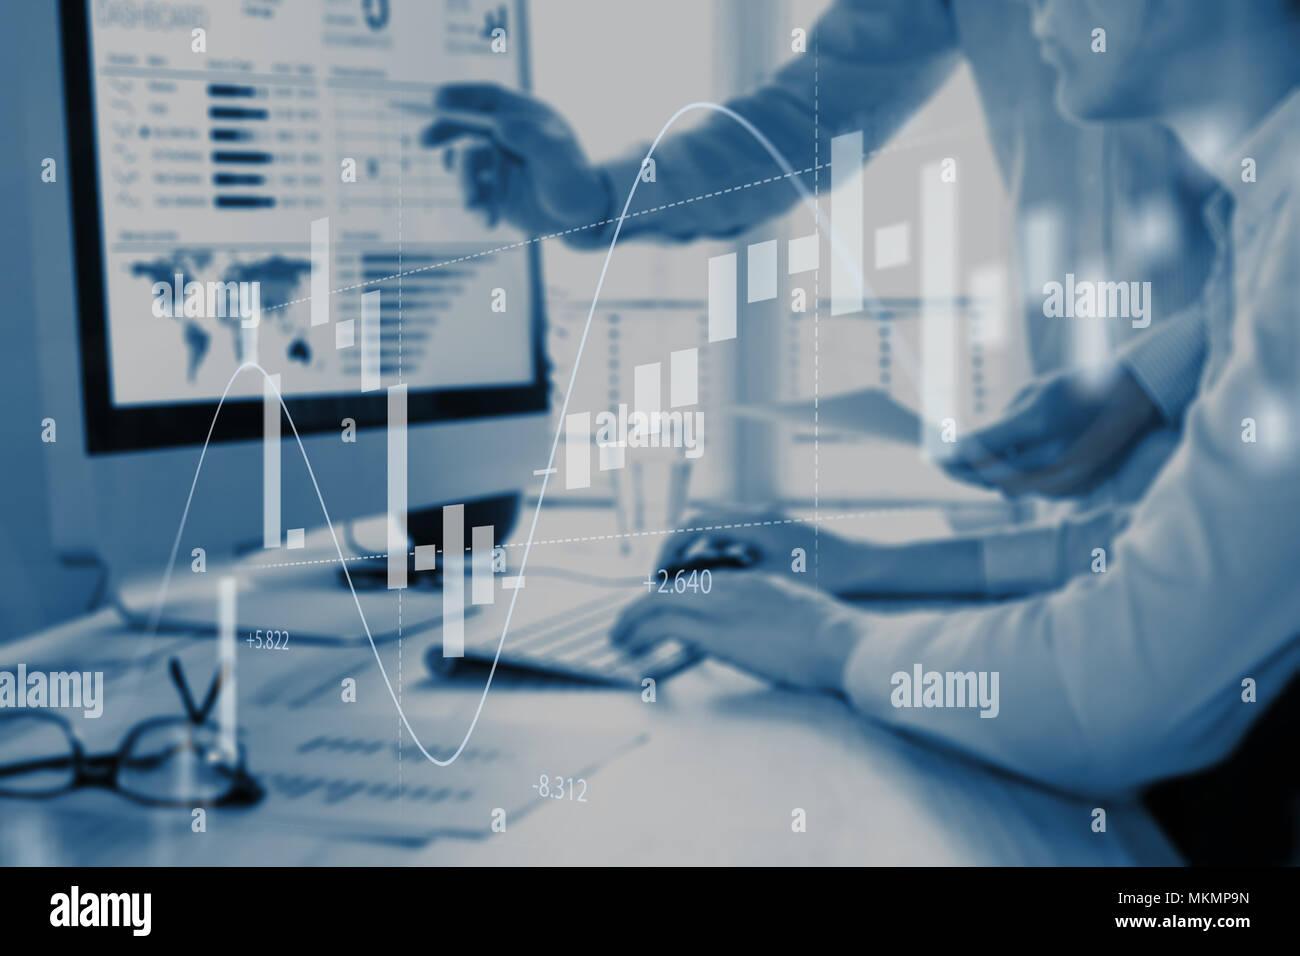 Abstrakte Finanzen Konzept mit Leuten ueber finanzielle Daten auf einem Business Analytics Dashboard auf Bildschirm im Hintergrund und Börse inv Stockbild